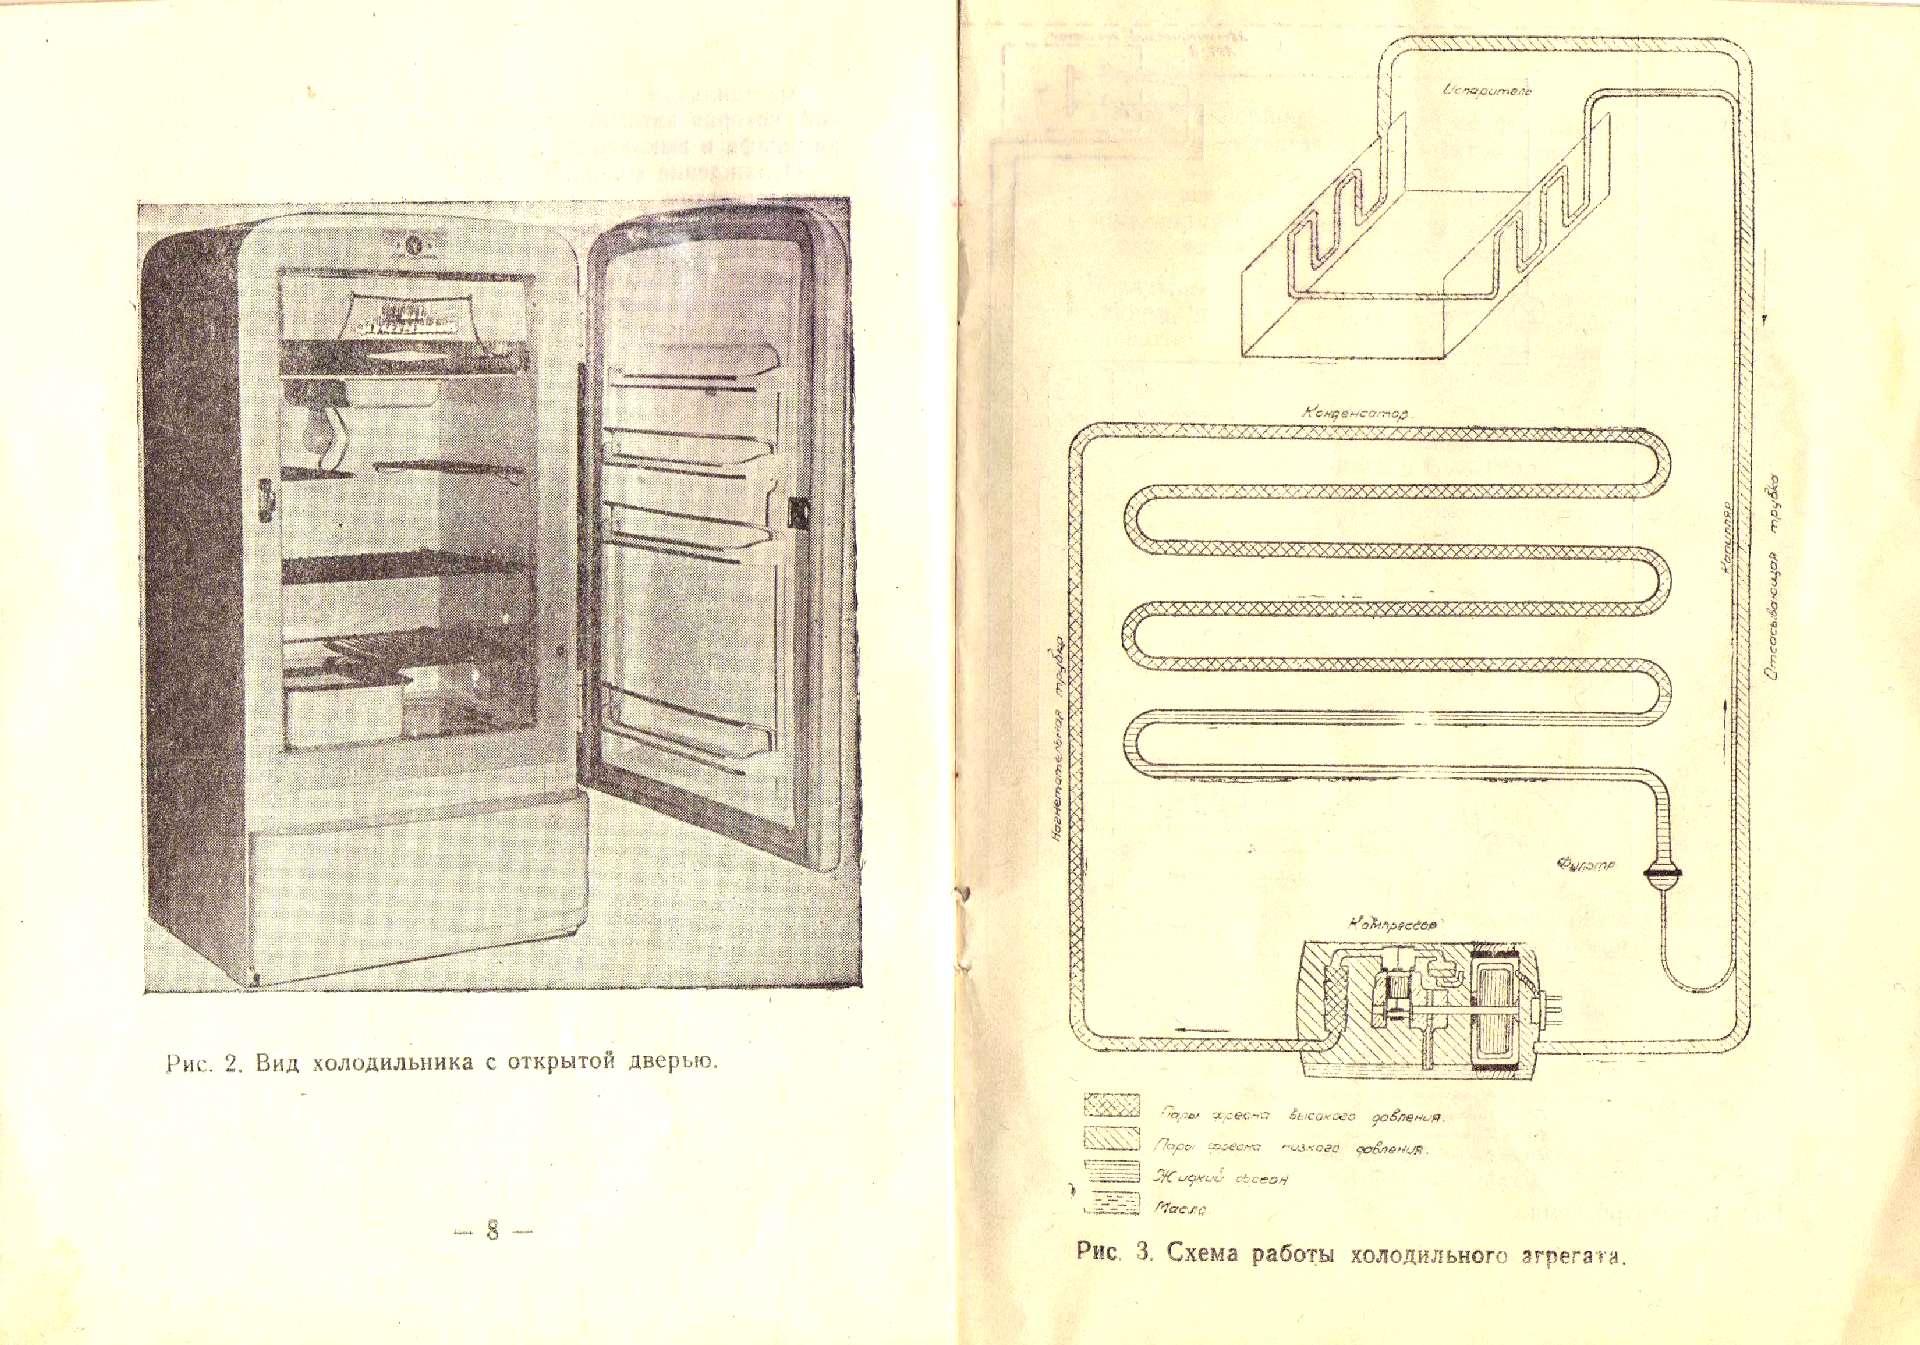 Домашний автоматический электрохолодильник Мир, 1960 год